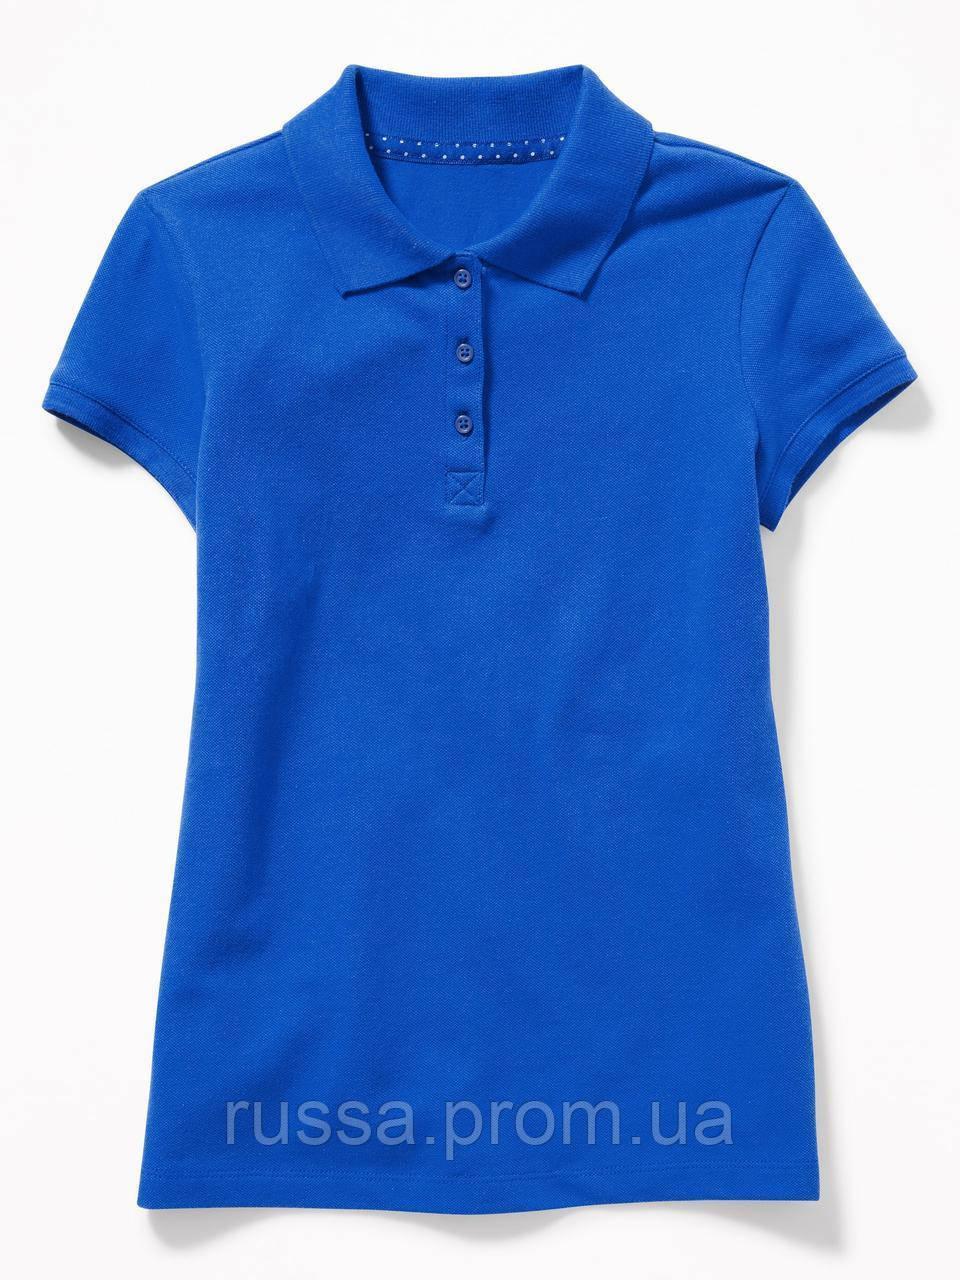 Детская синяя футболка поло для девочки Old Navy Олд Неви